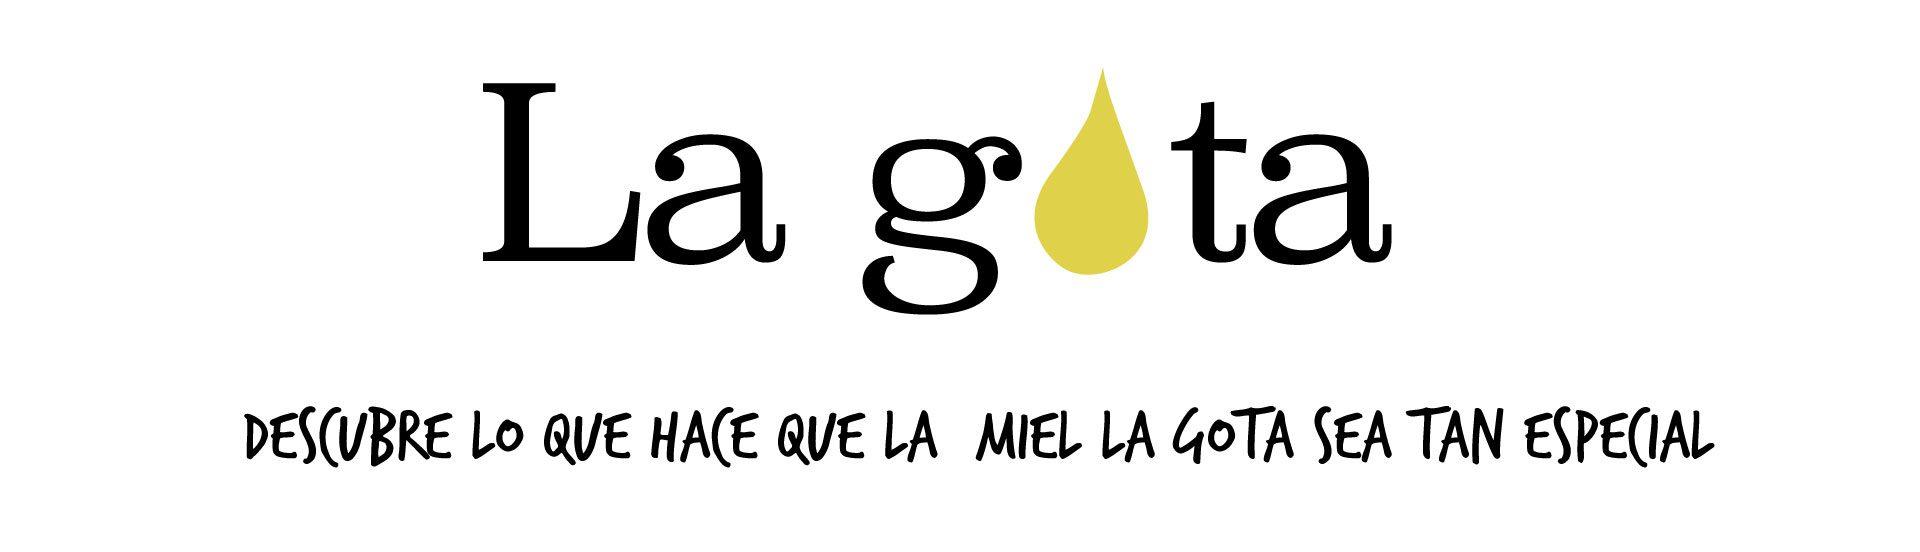 La Gota, probablemente la mejor miel de todo Madrid